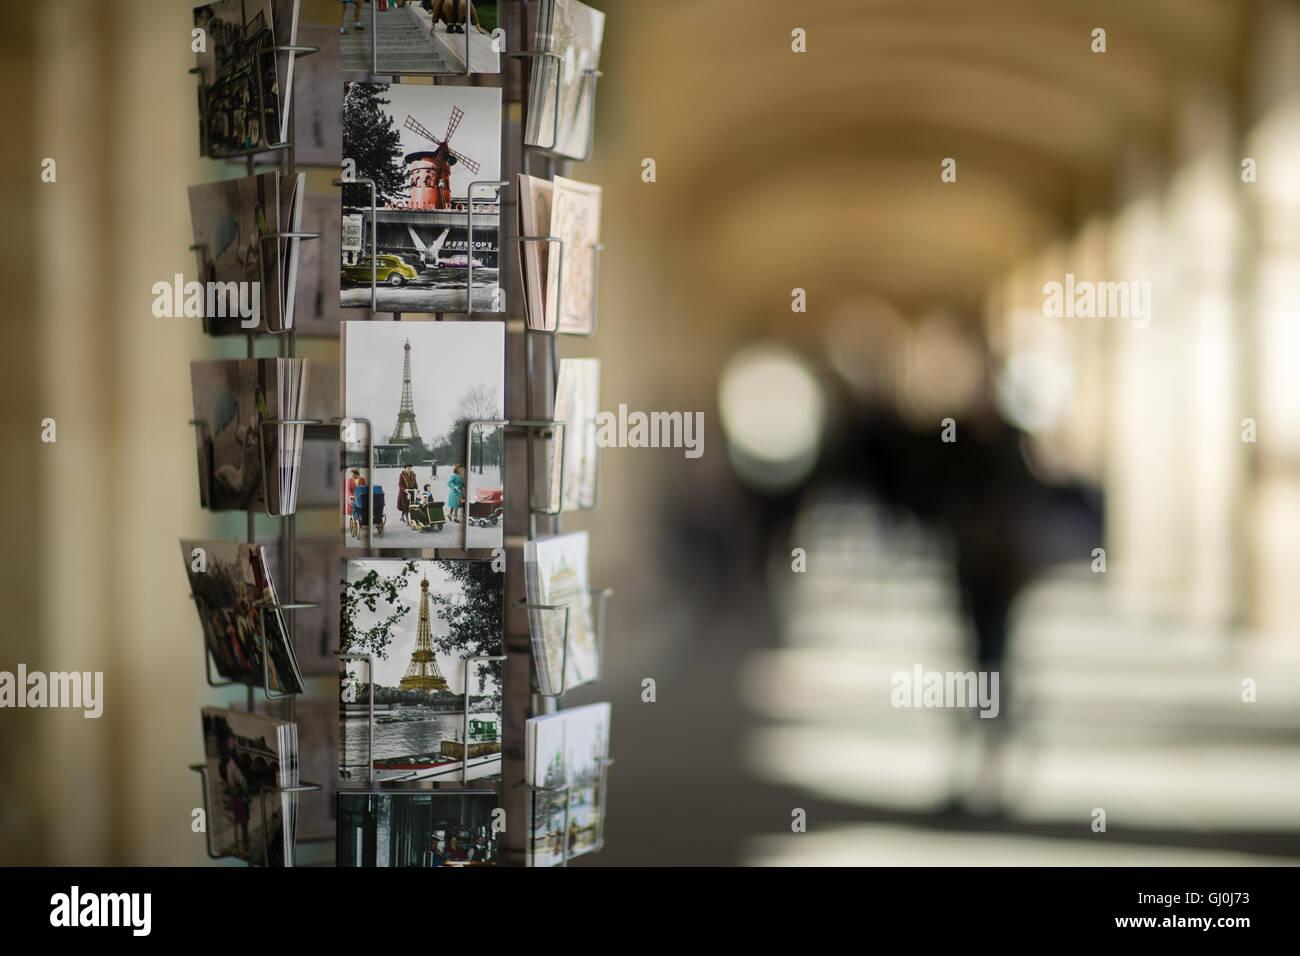 Postkarten, Place des Vosges, Paris, Frankreich Stockbild